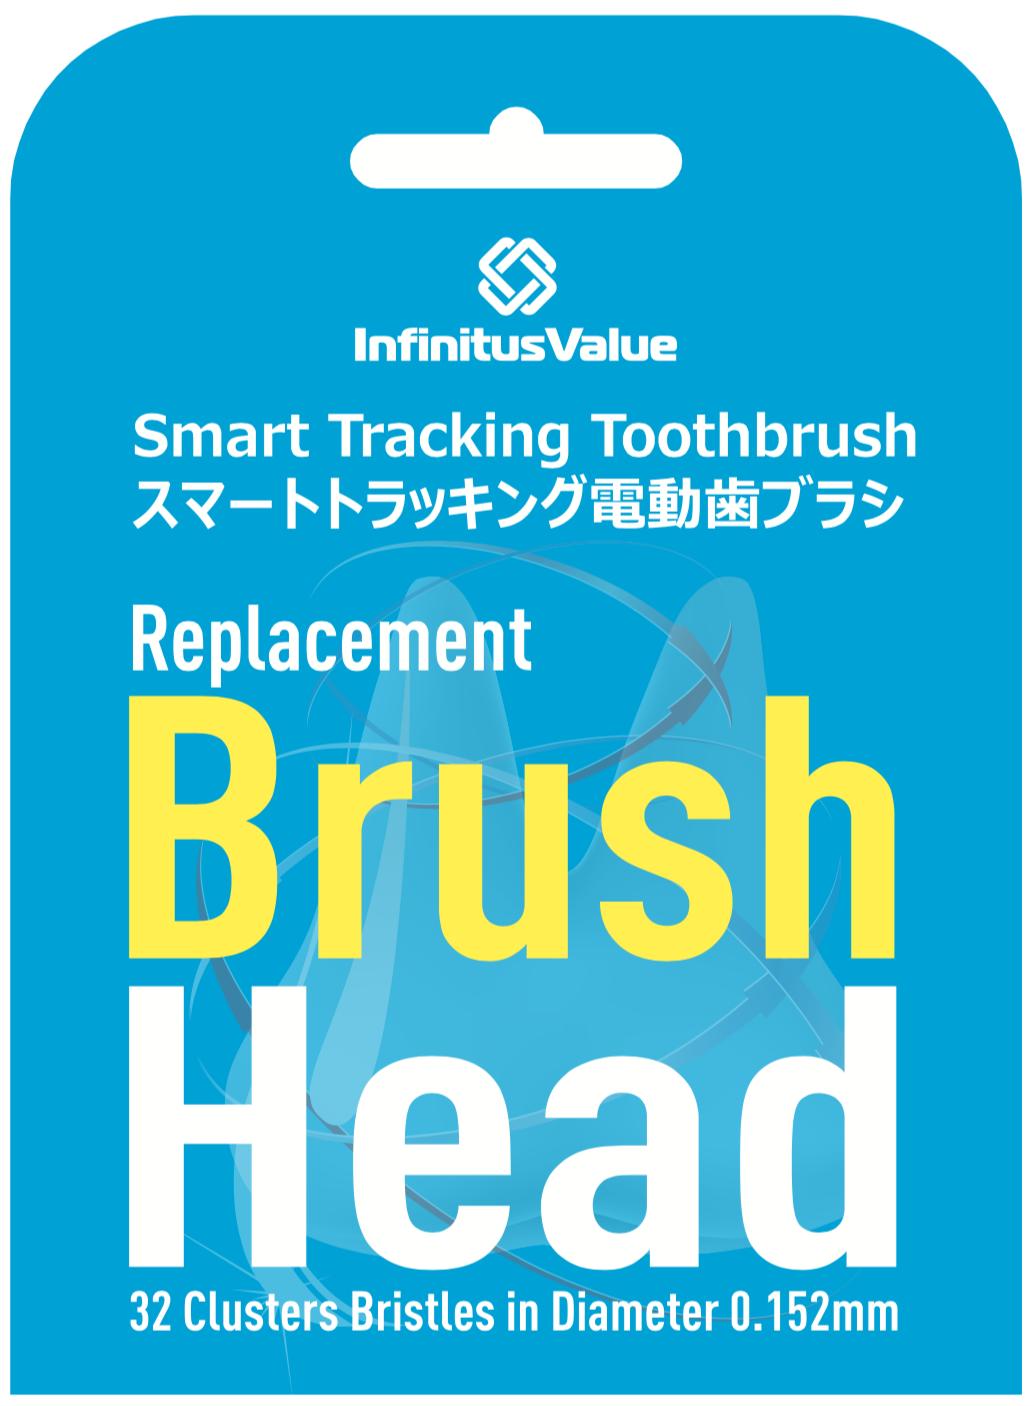 (正規品)InfinitusValue スマートトラッキング電動歯ブラシ専用替えブラシ レギュラーサイズ 4本組 ブラック